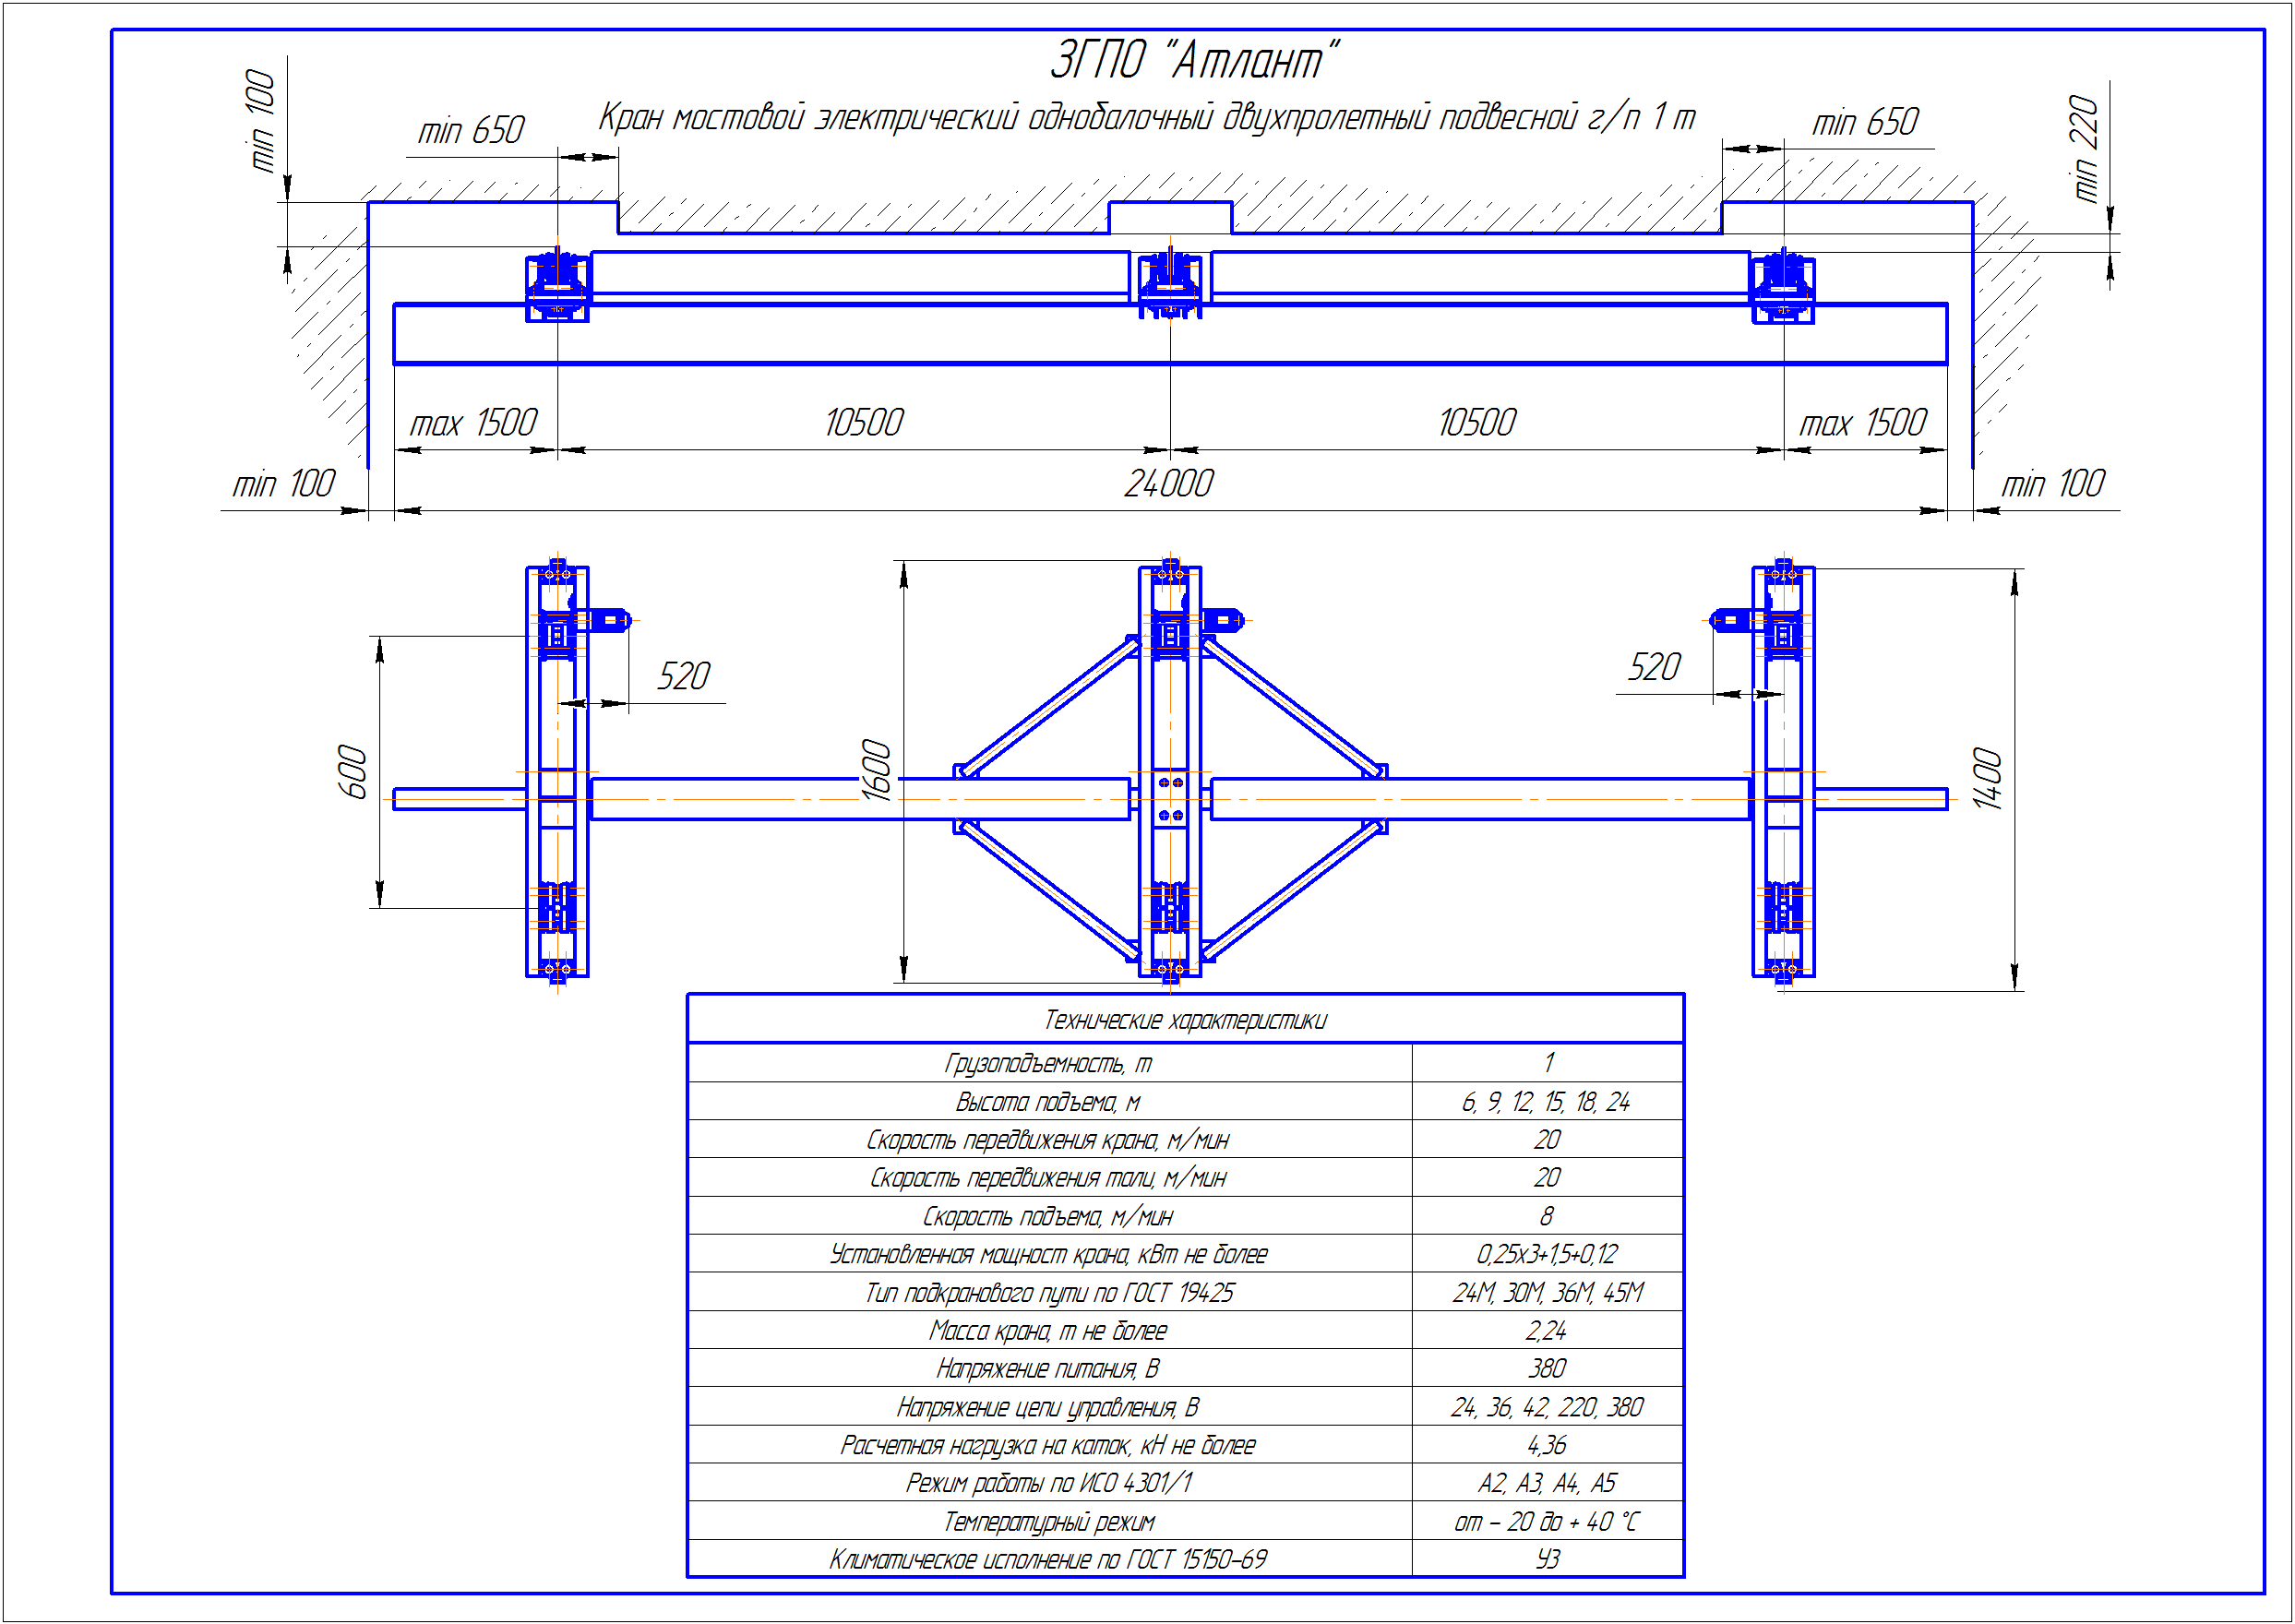 KBPD 1 3 - Подвесная кран балка двухпролетная